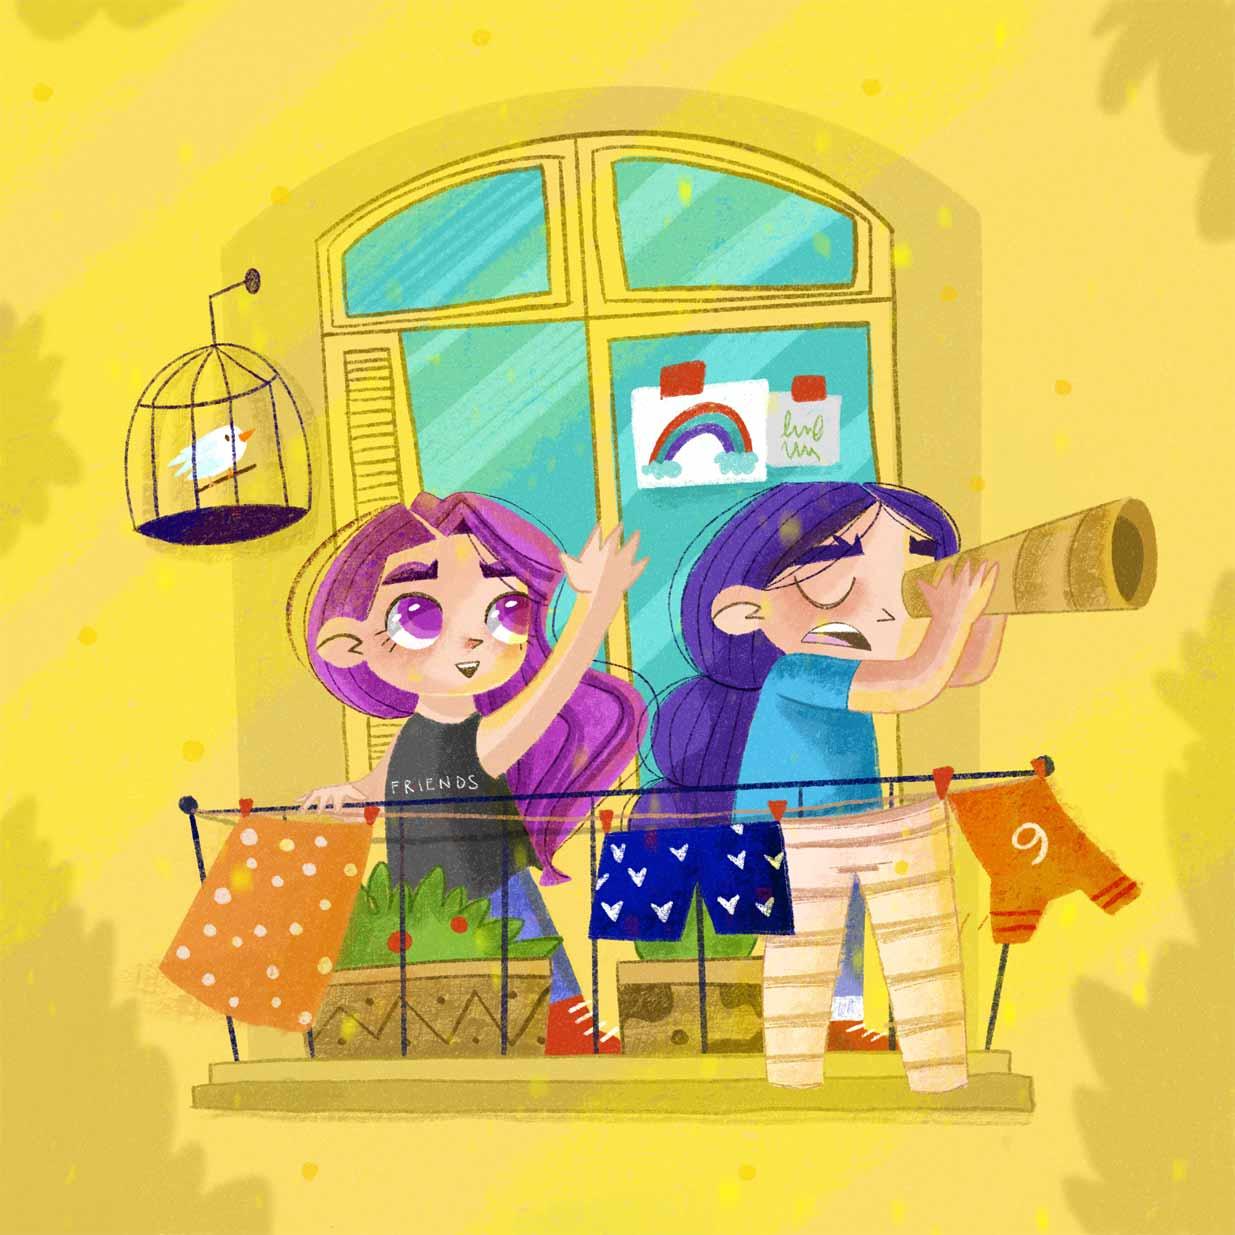 jess-sanmiguel-ilustradora-zaragoza-nos-vemos-en-los-balcones-4